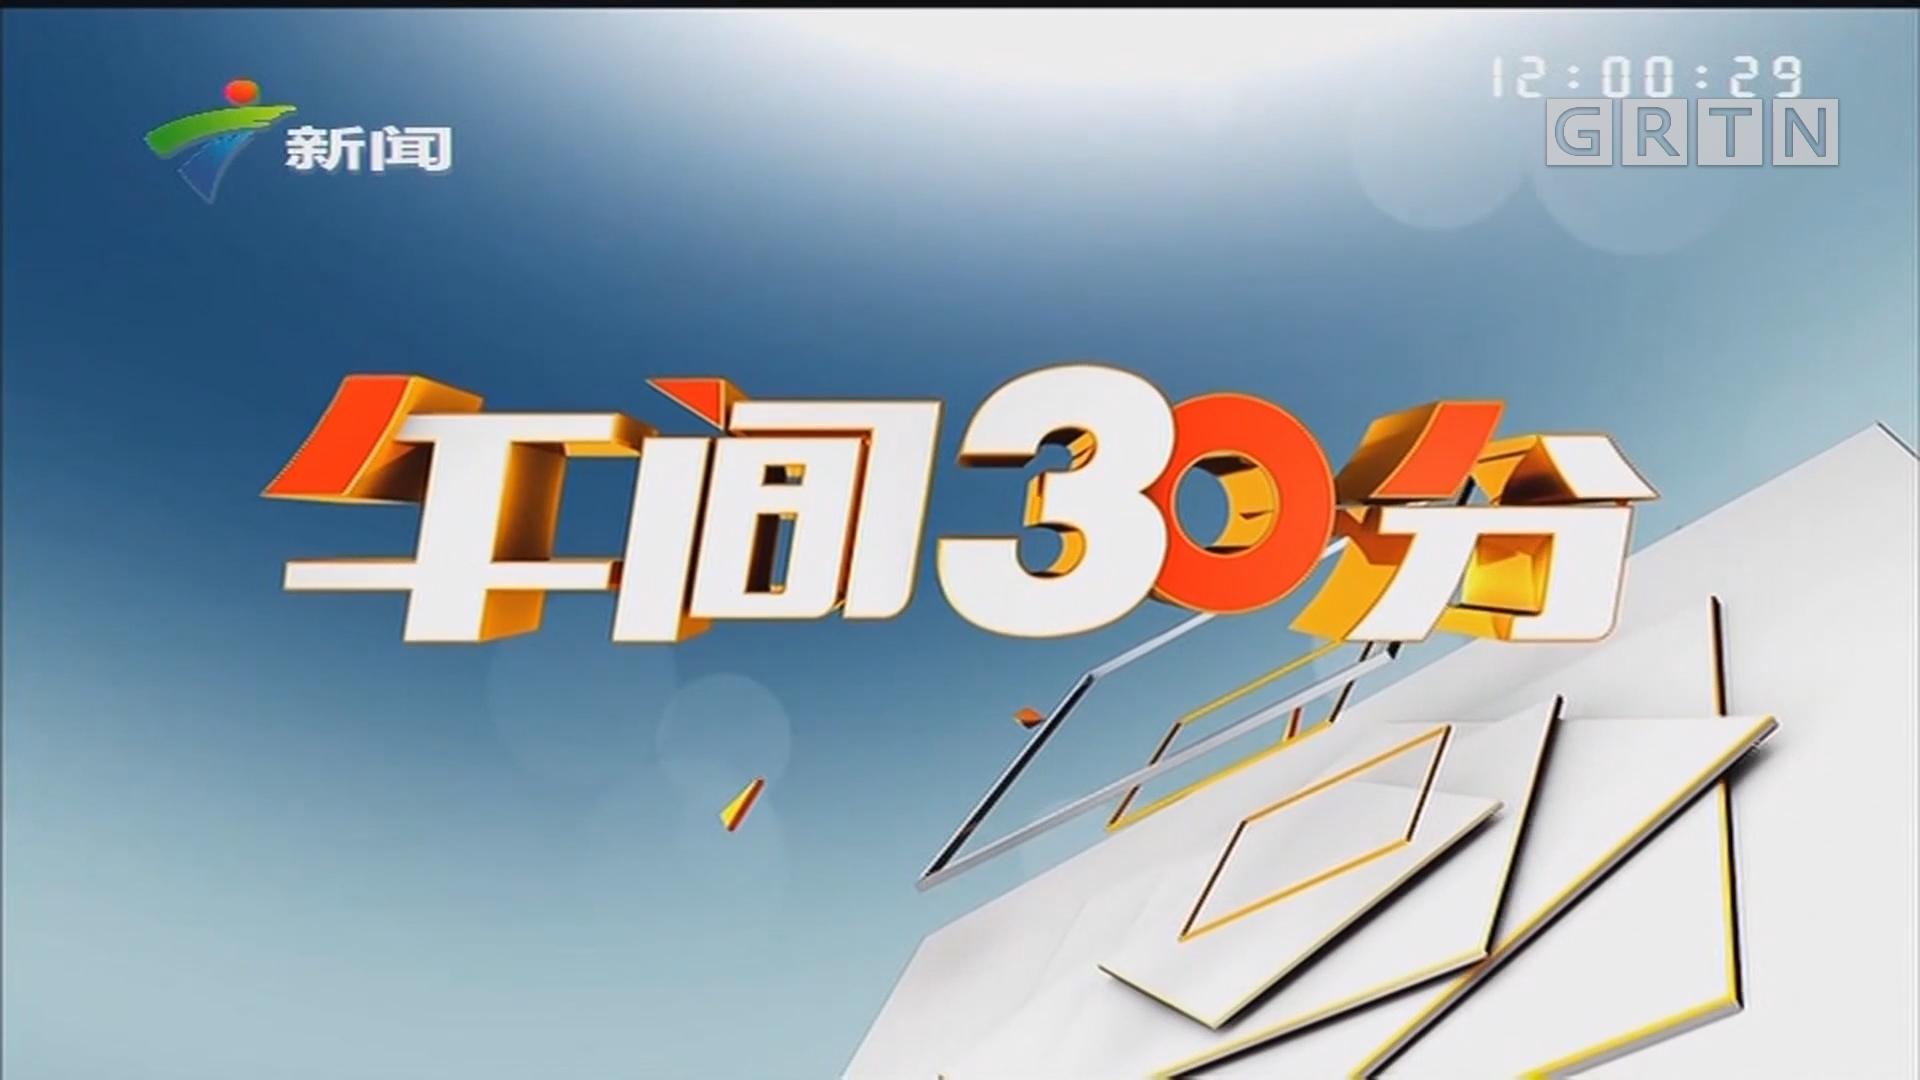 [HD][2019-08-31]午间30分:习近平出席2019年国际篮联篮球世界杯开幕式